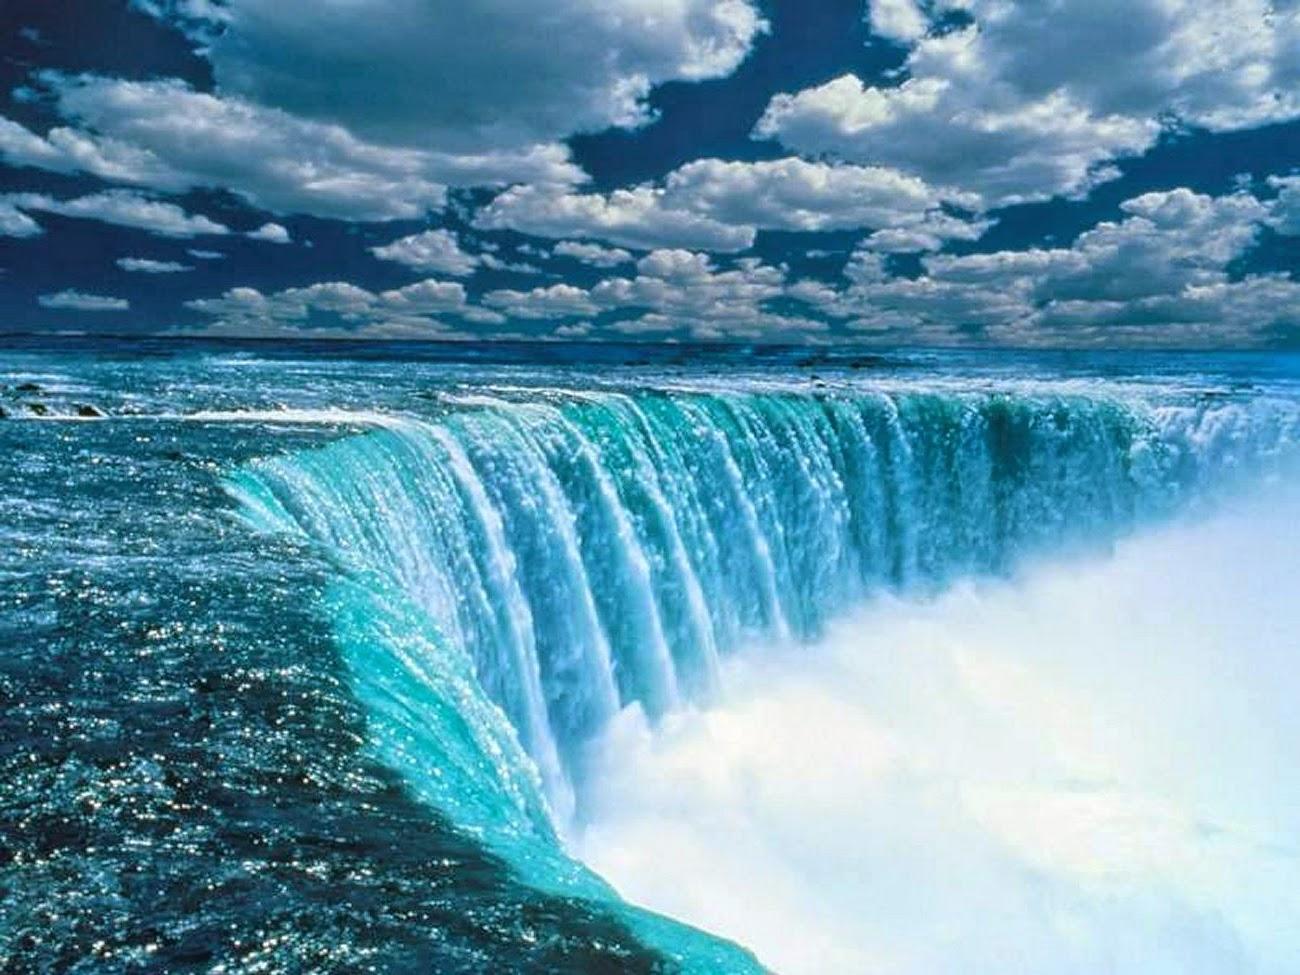 بالصور صور شلالات نيجيري , الظاهرة الخلابة 2058 6